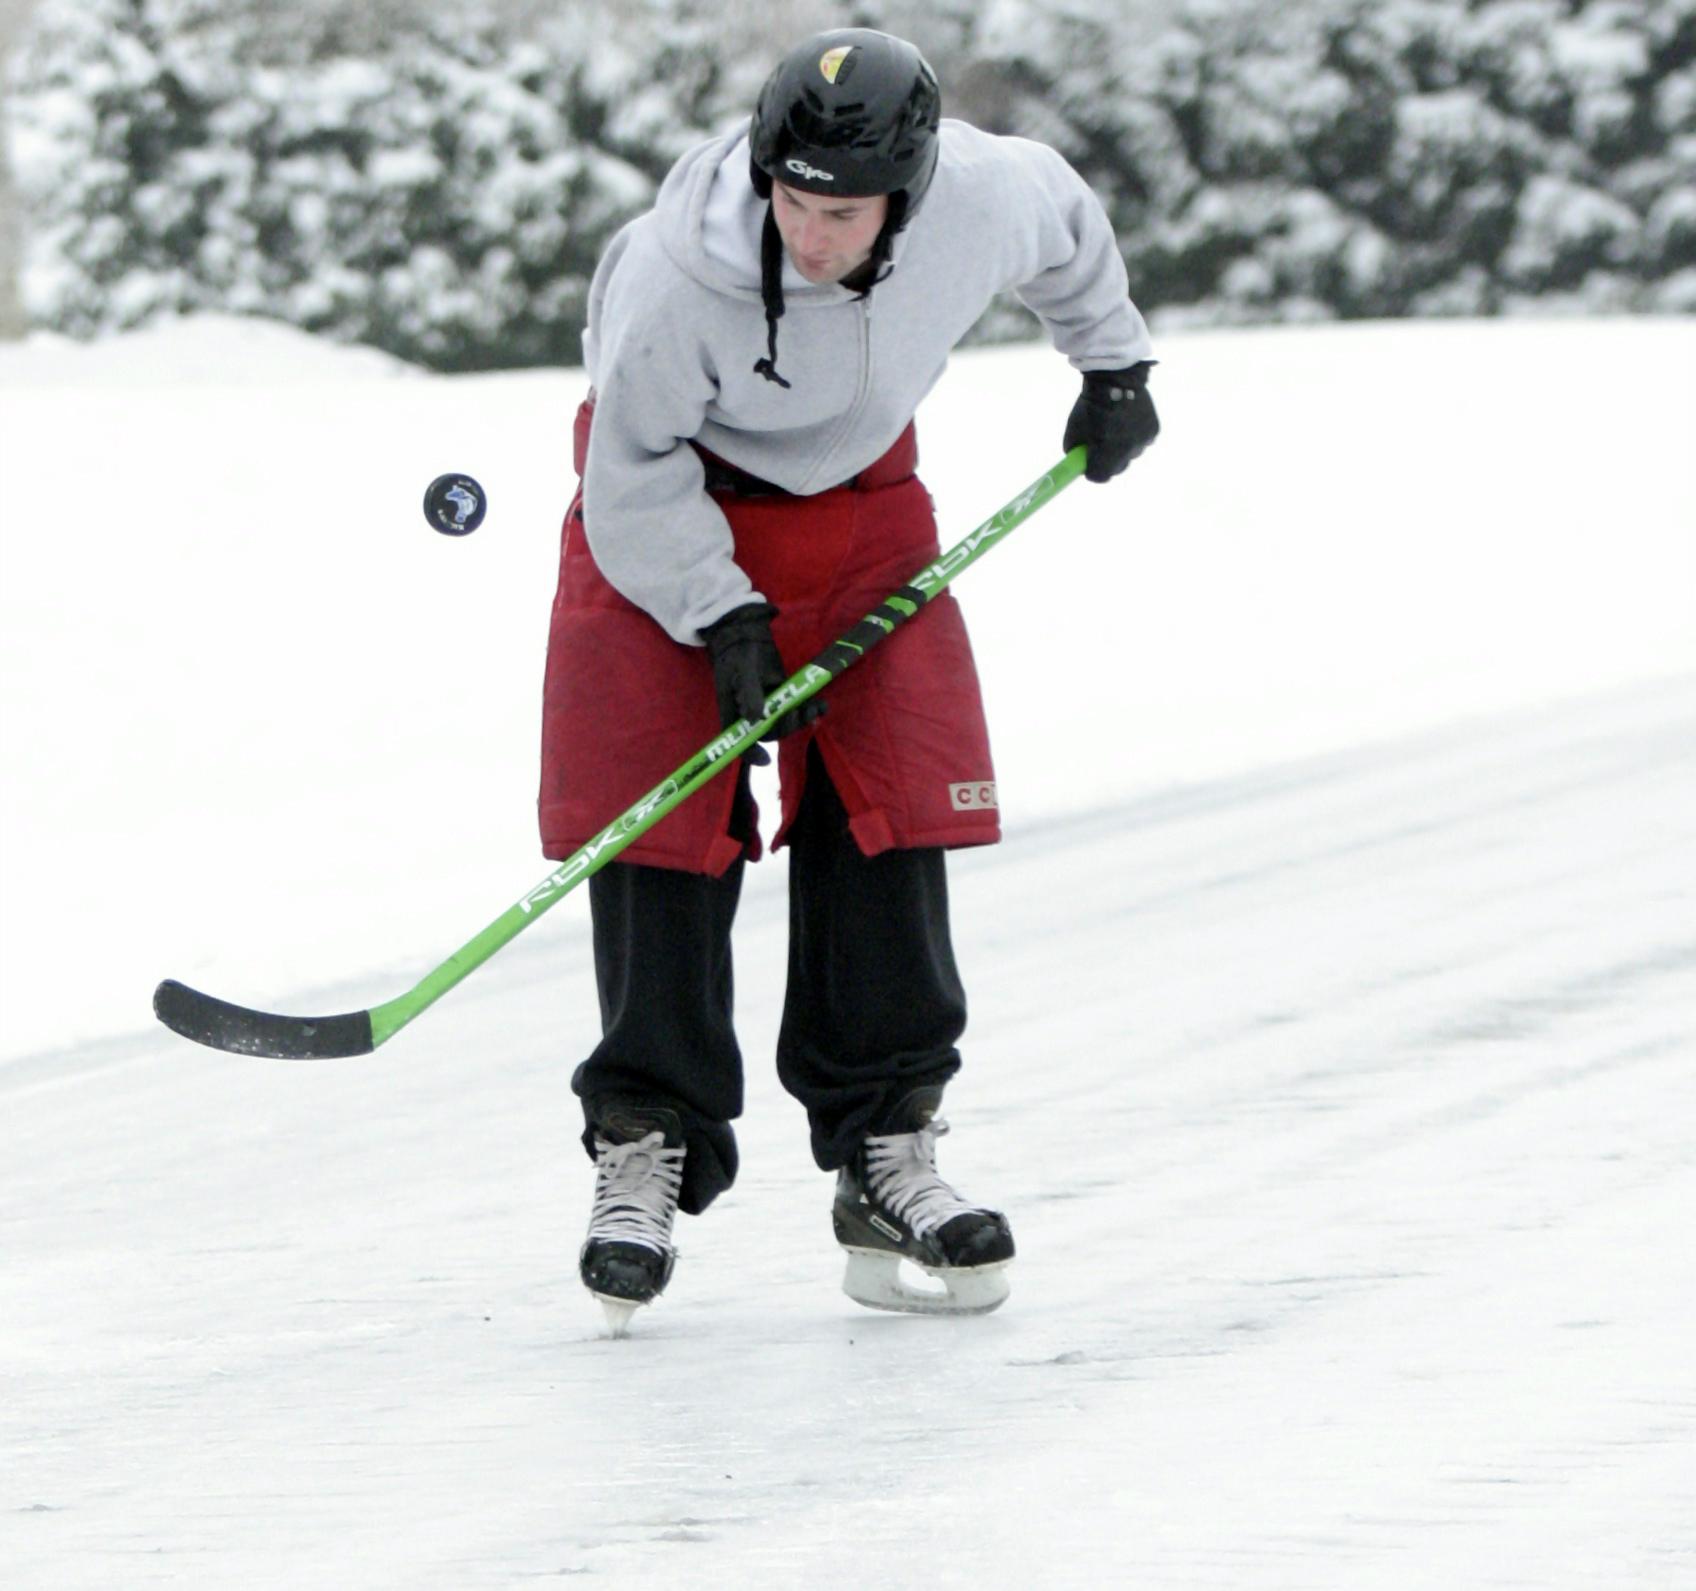 Ross ice skating in Keizer